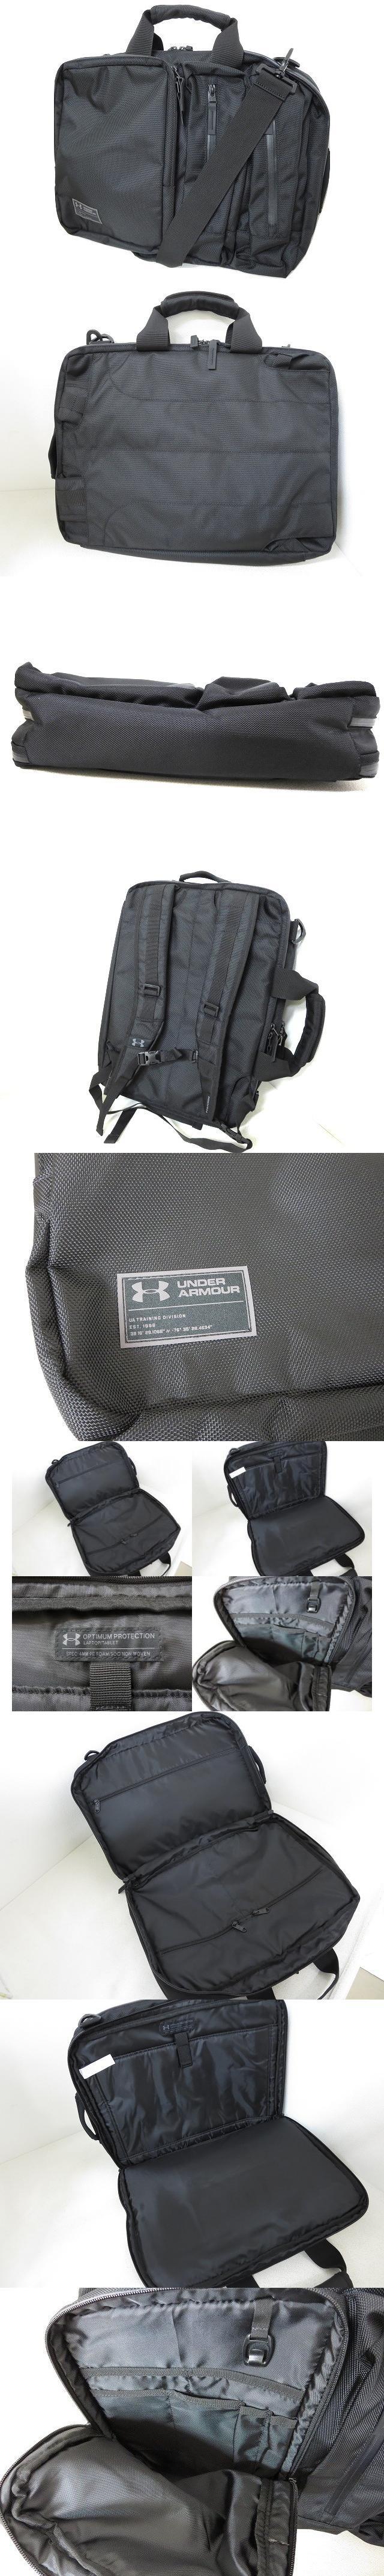 UA 3way ビジネスバッグ リュックサック 黒 美品 1319713 ショルダー ブリーフケース かばん 鞄